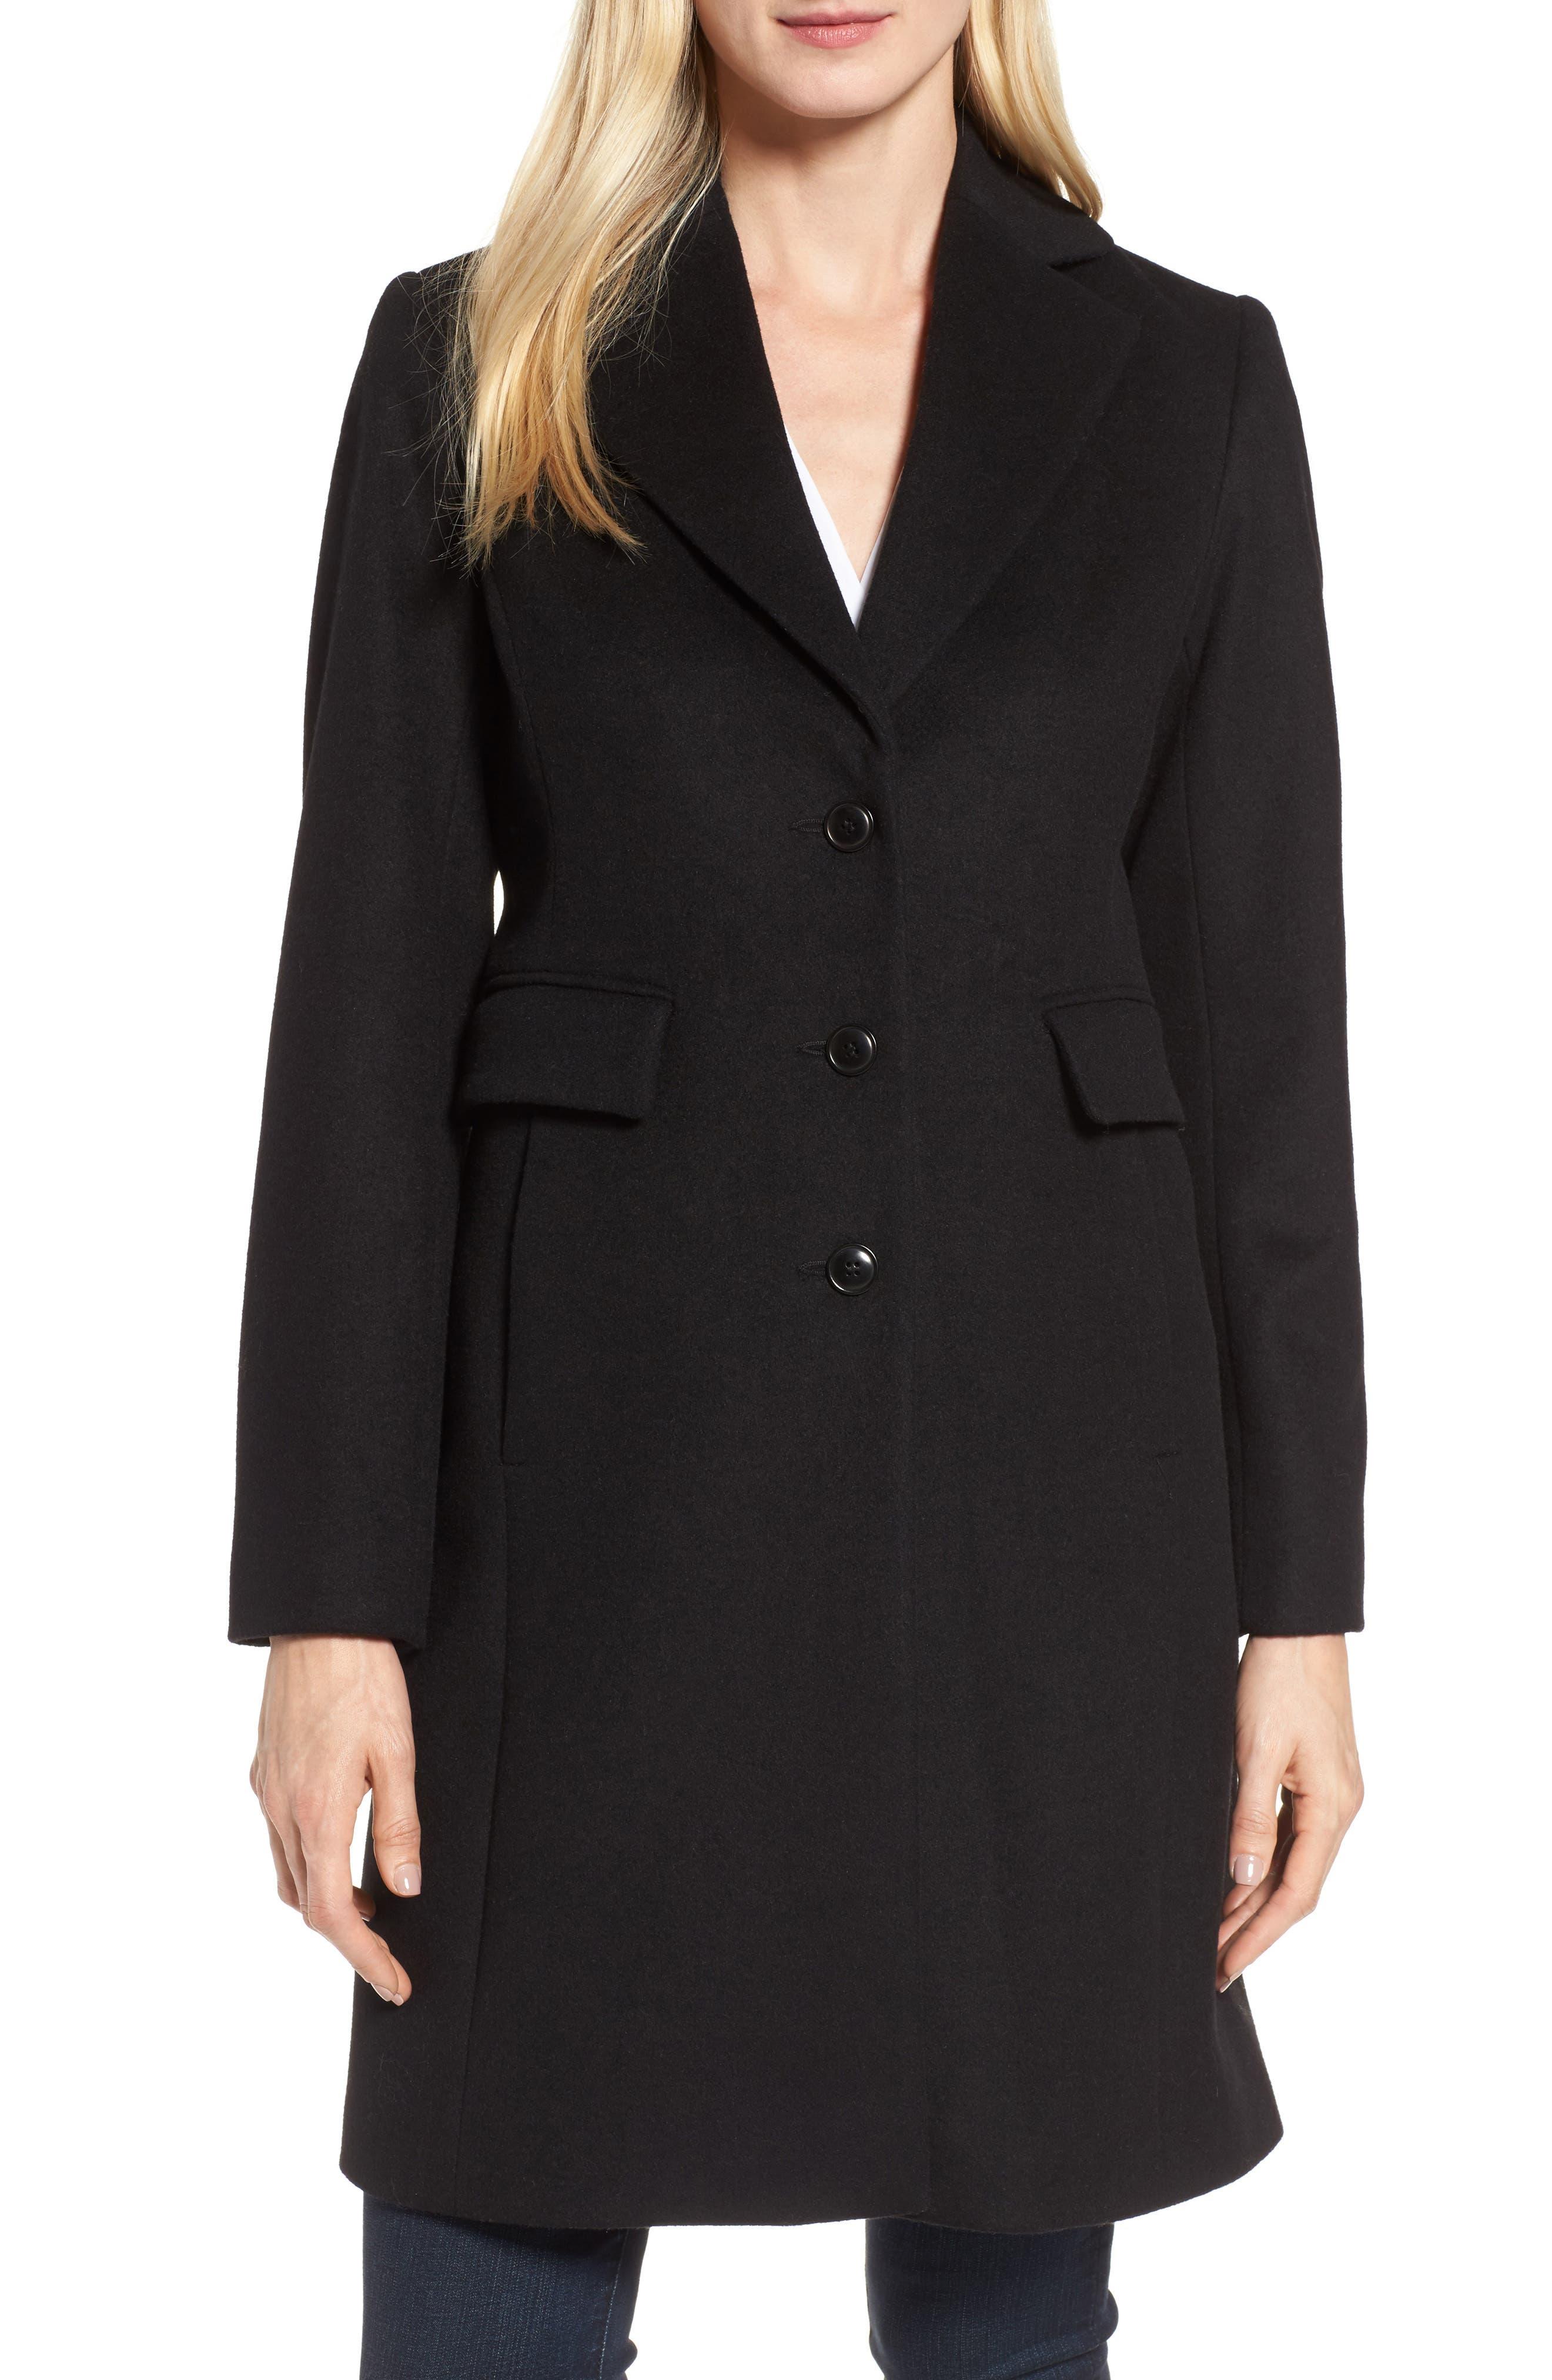 Walking Coat,                         Main,                         color, Black